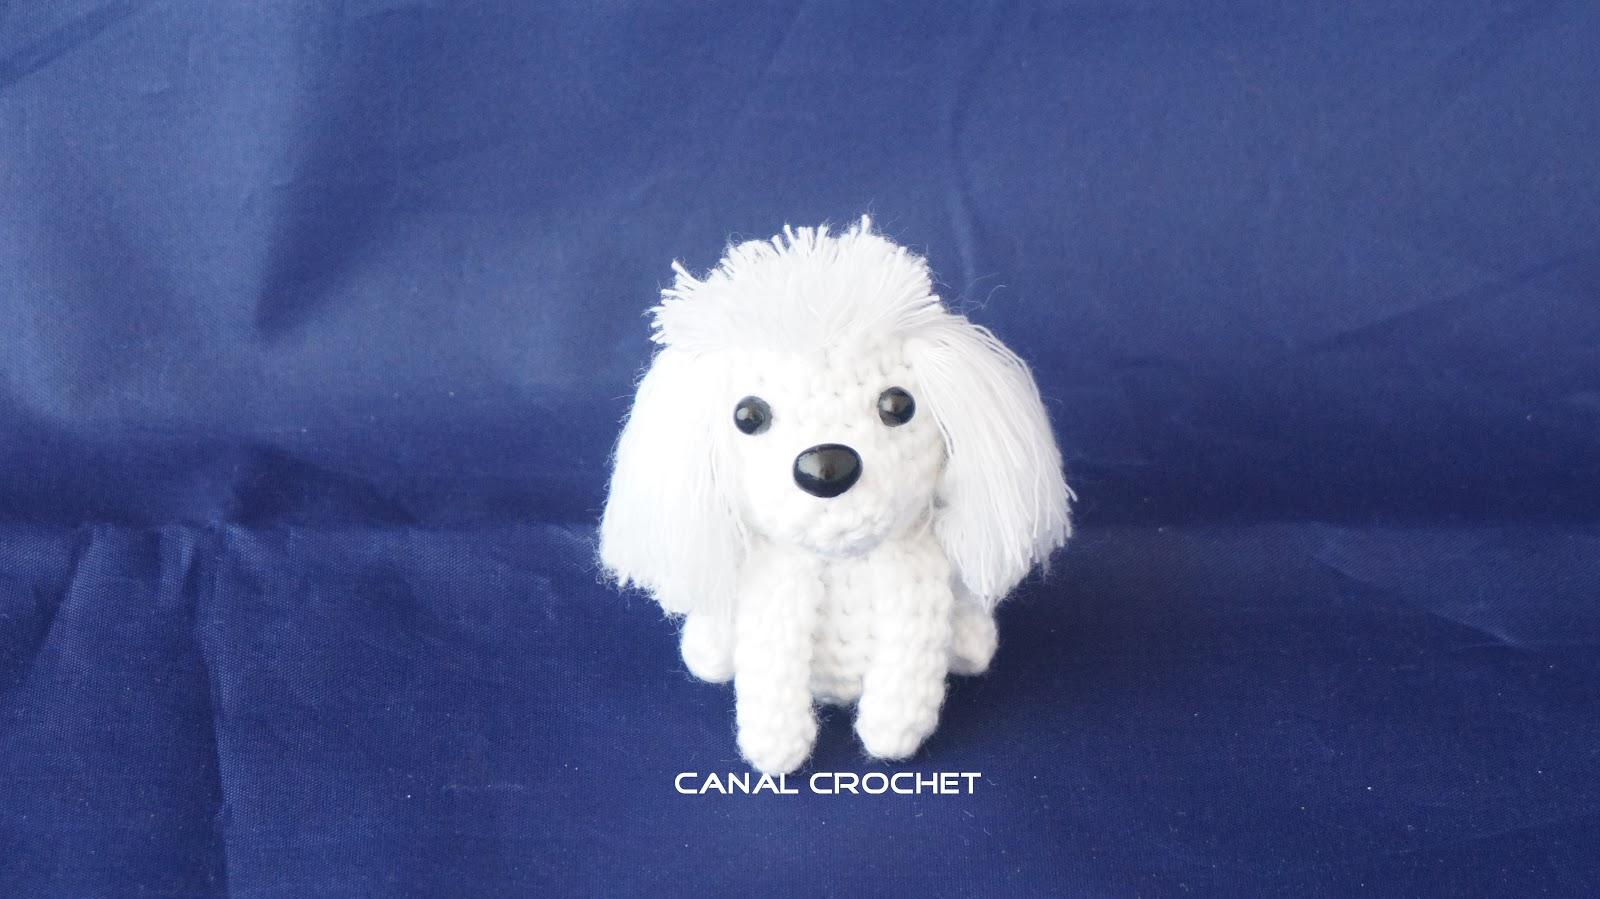 Amigurumi Lion Perritos : Canal crochet perritos amigurumi tutorial